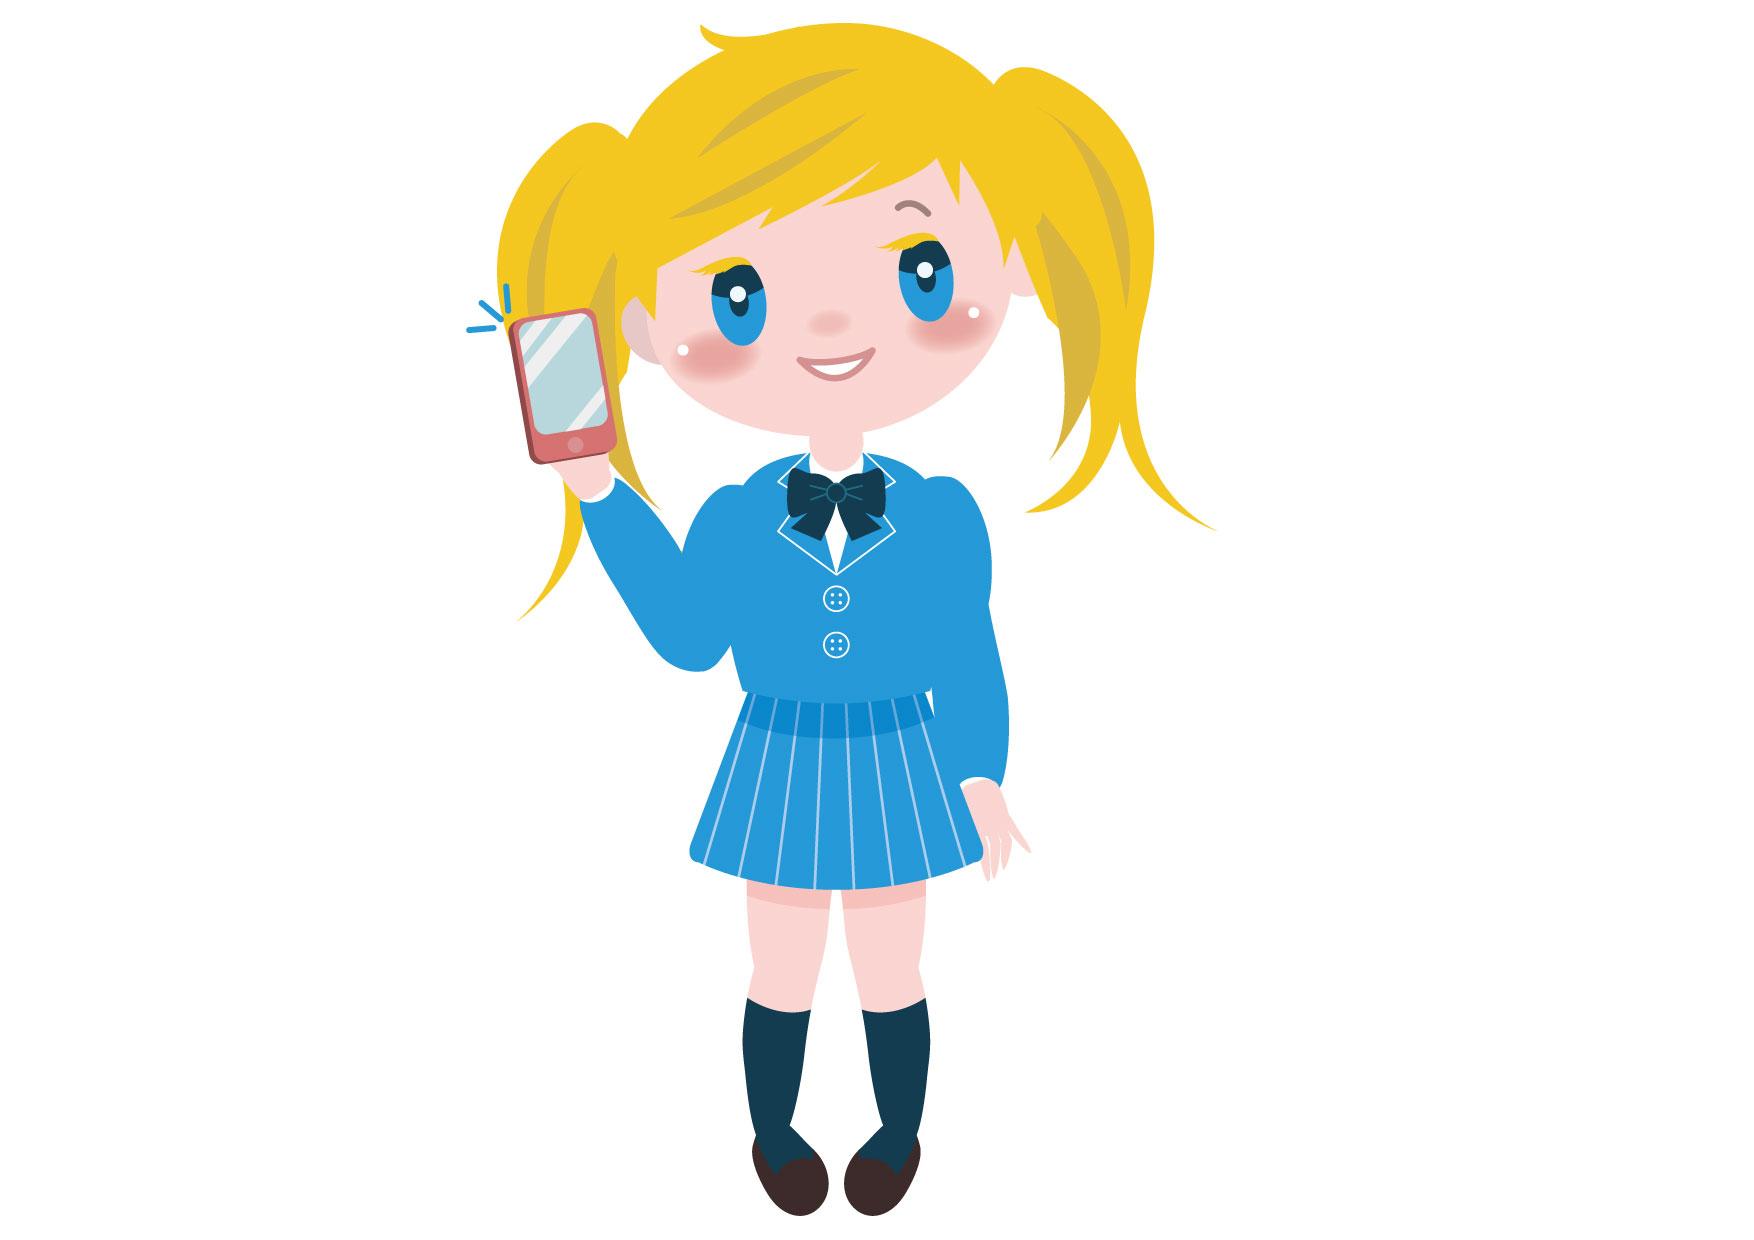 可愛いイラスト無料|学生 女の子 全身 外国人 スマートフォン − free illustration Student girl full body smartphone